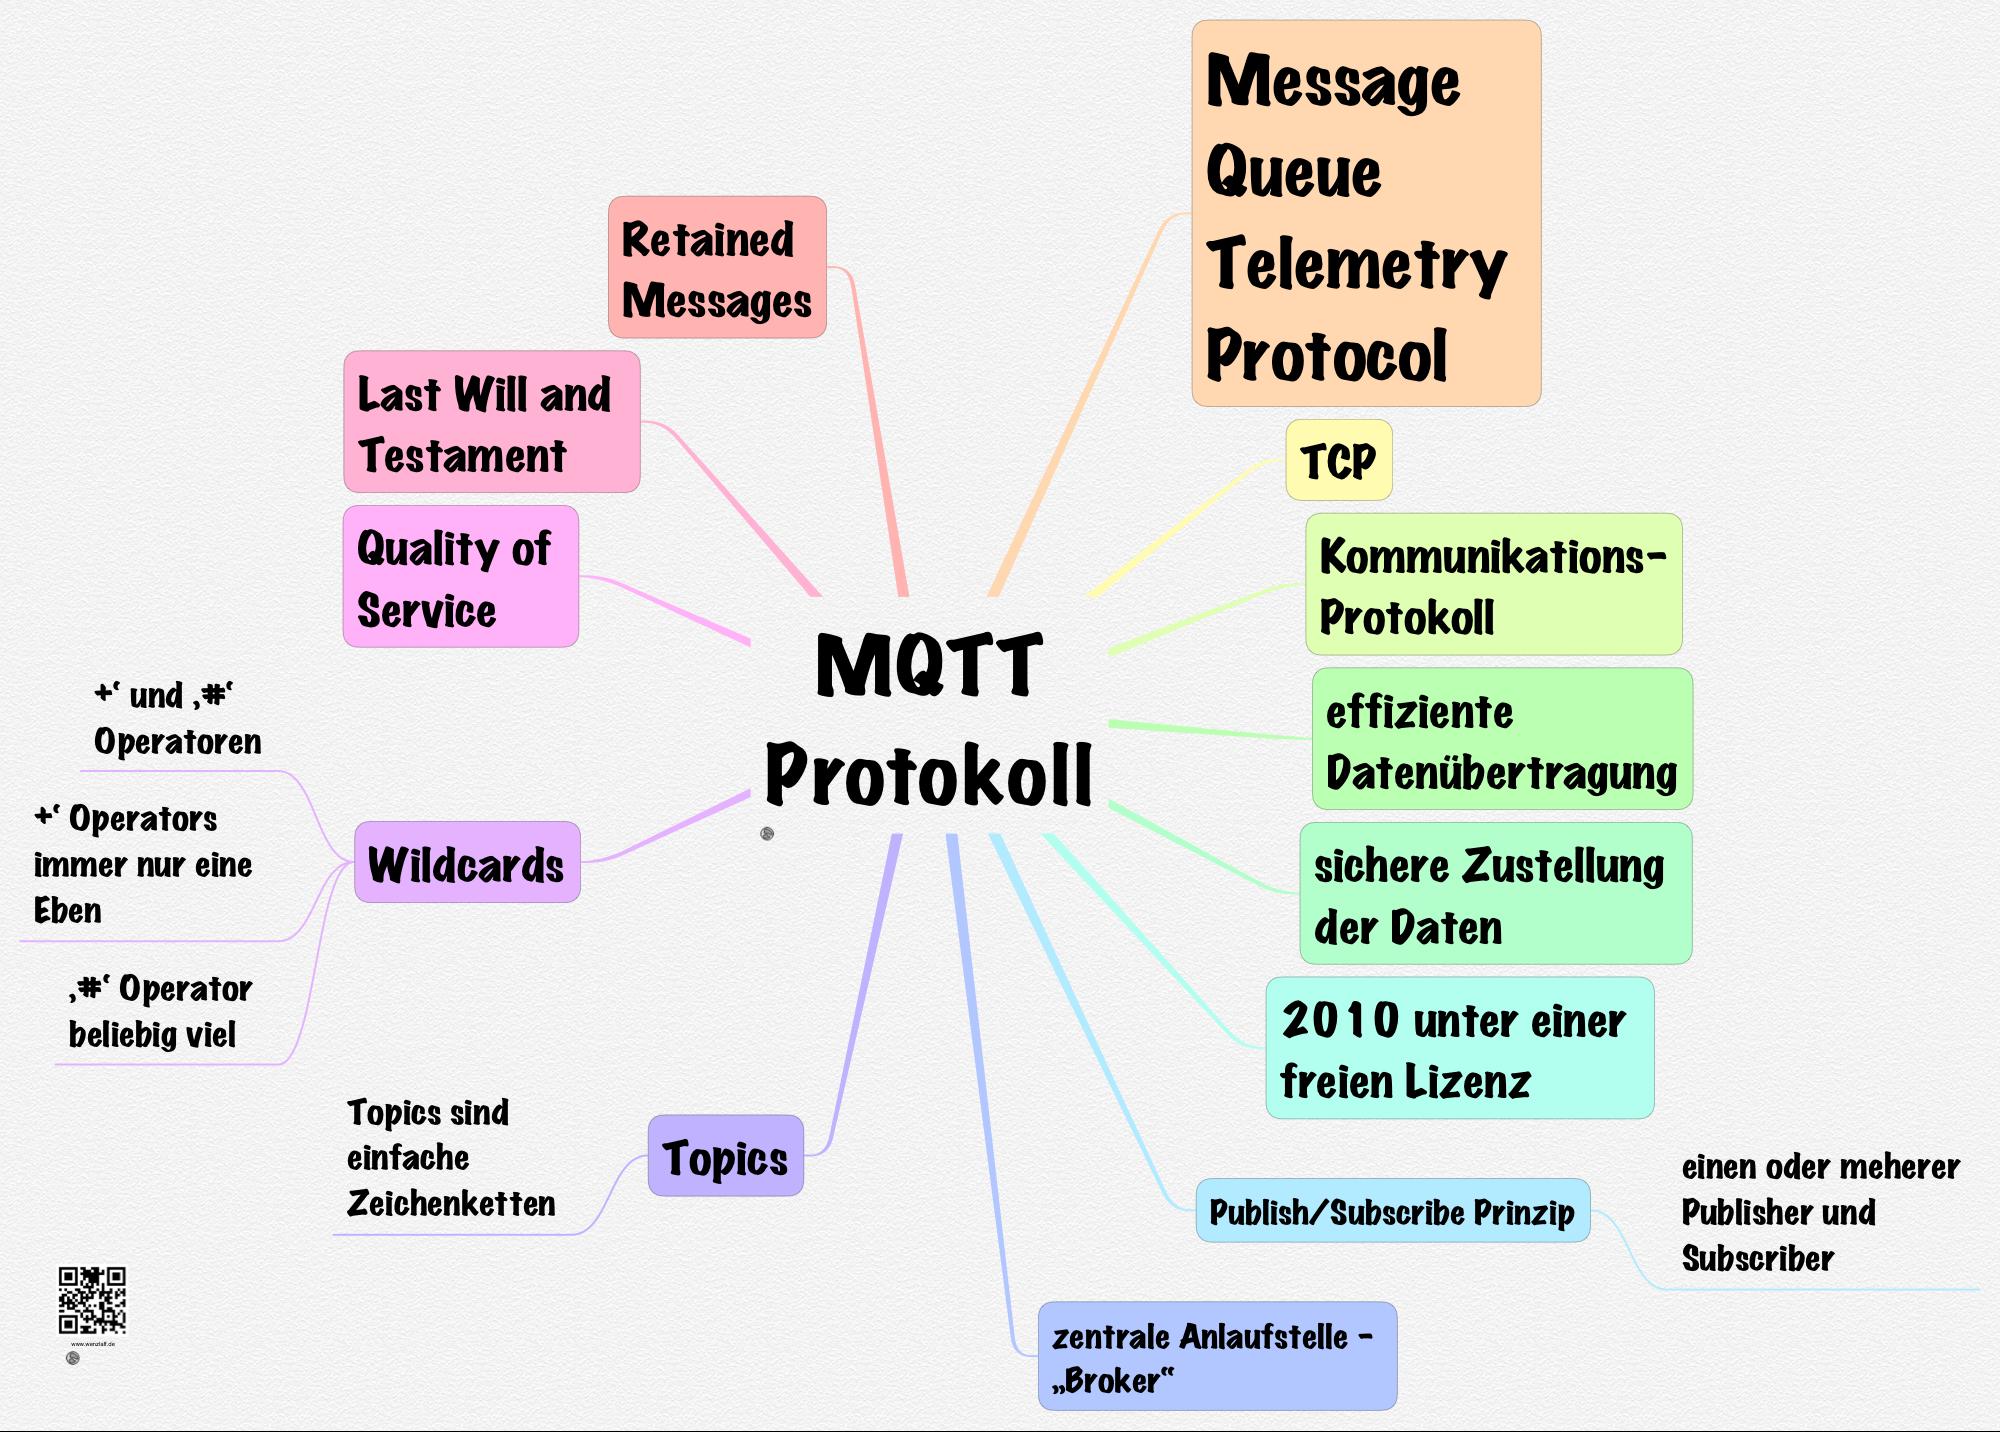 mqtt-protokoll